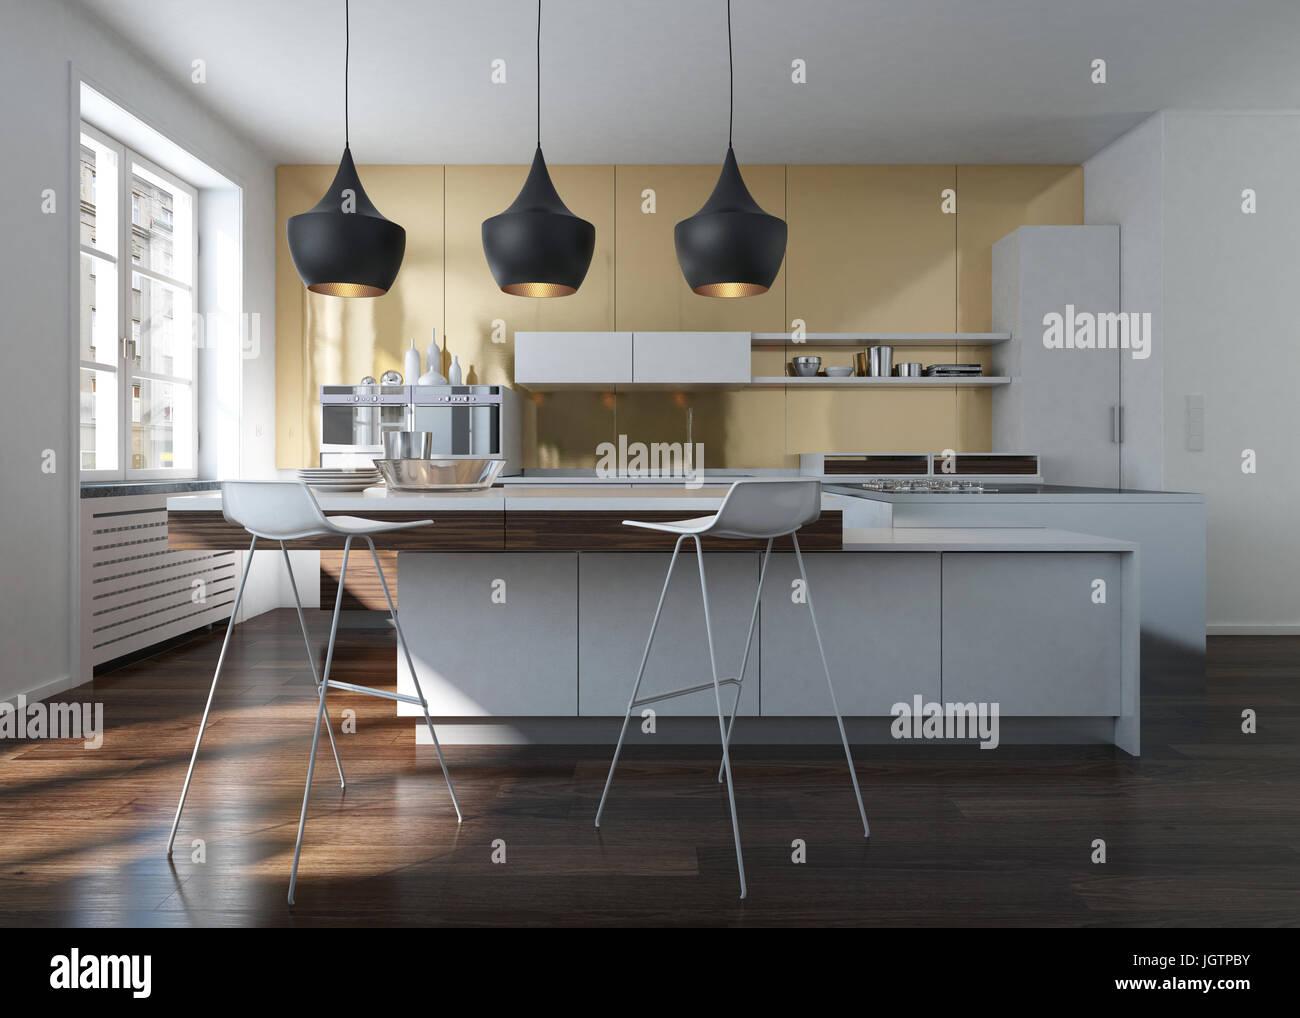 urban design kitchens. Modern Design Kitchen Interior With Golden Wall In An Urban Loft  3d Rendering